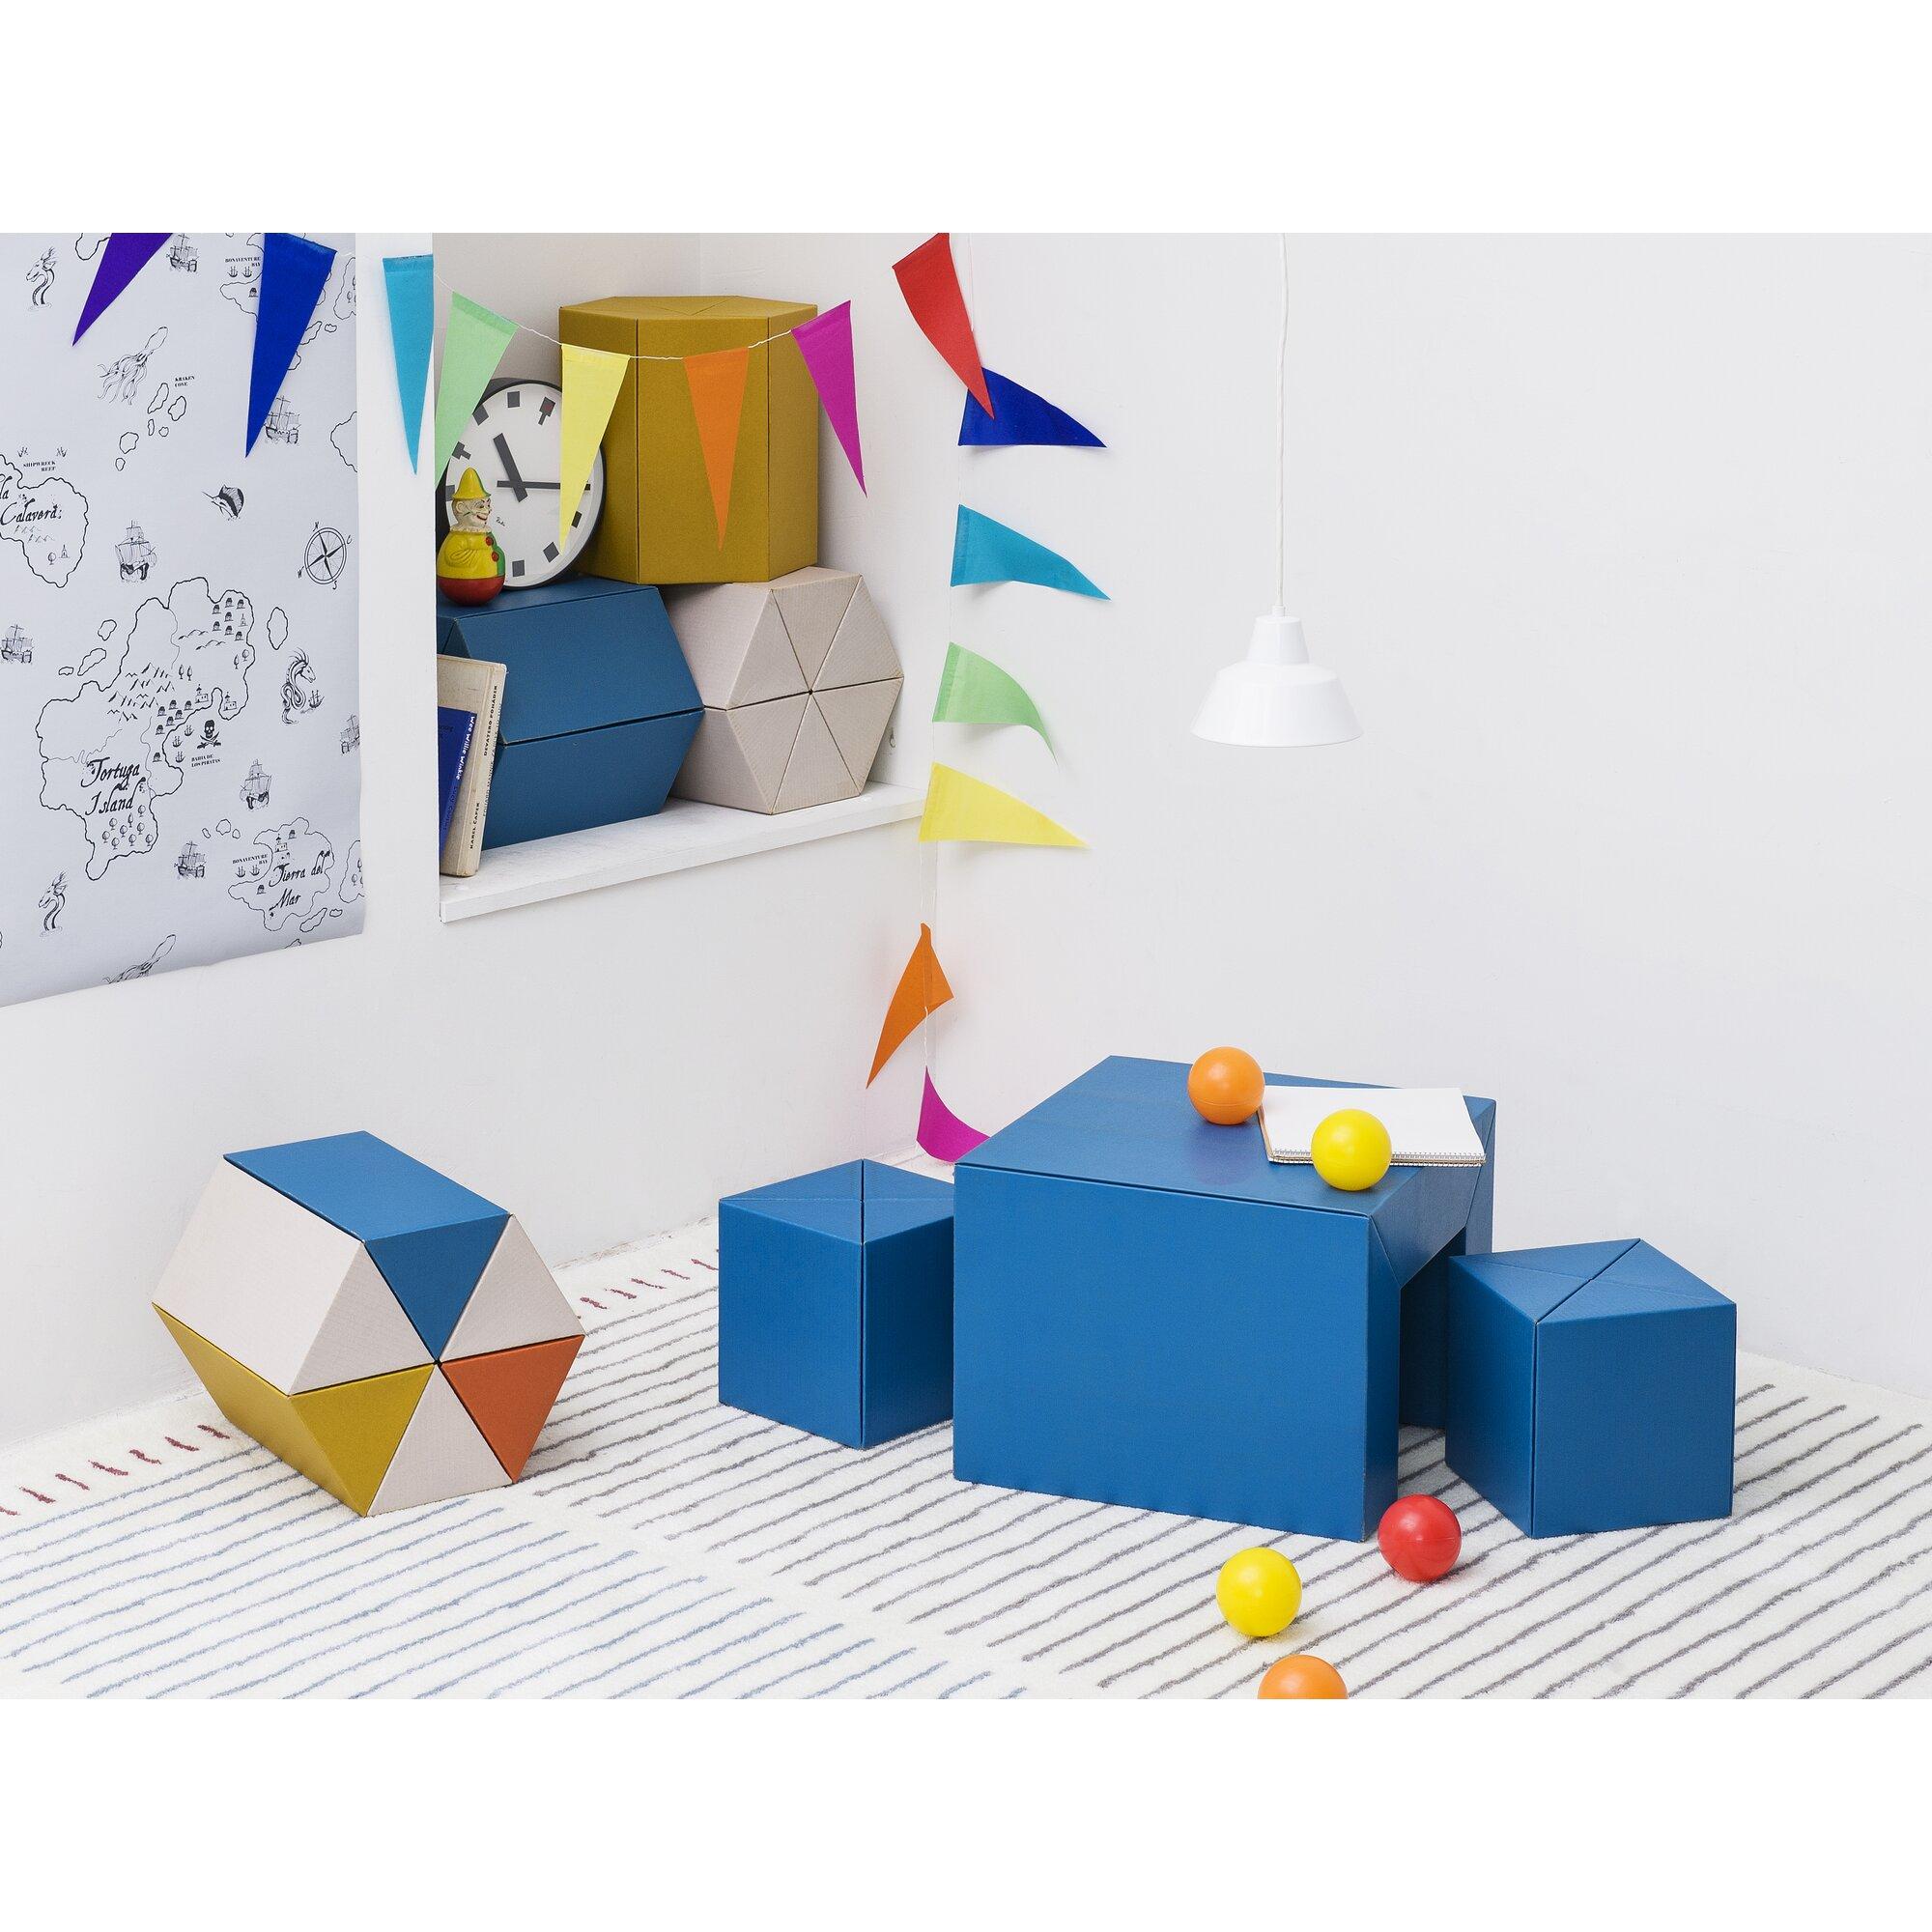 Metrocs 3 tlg quadratisches kindertisch und stuhl set - Kindertisch und stuhle set ...